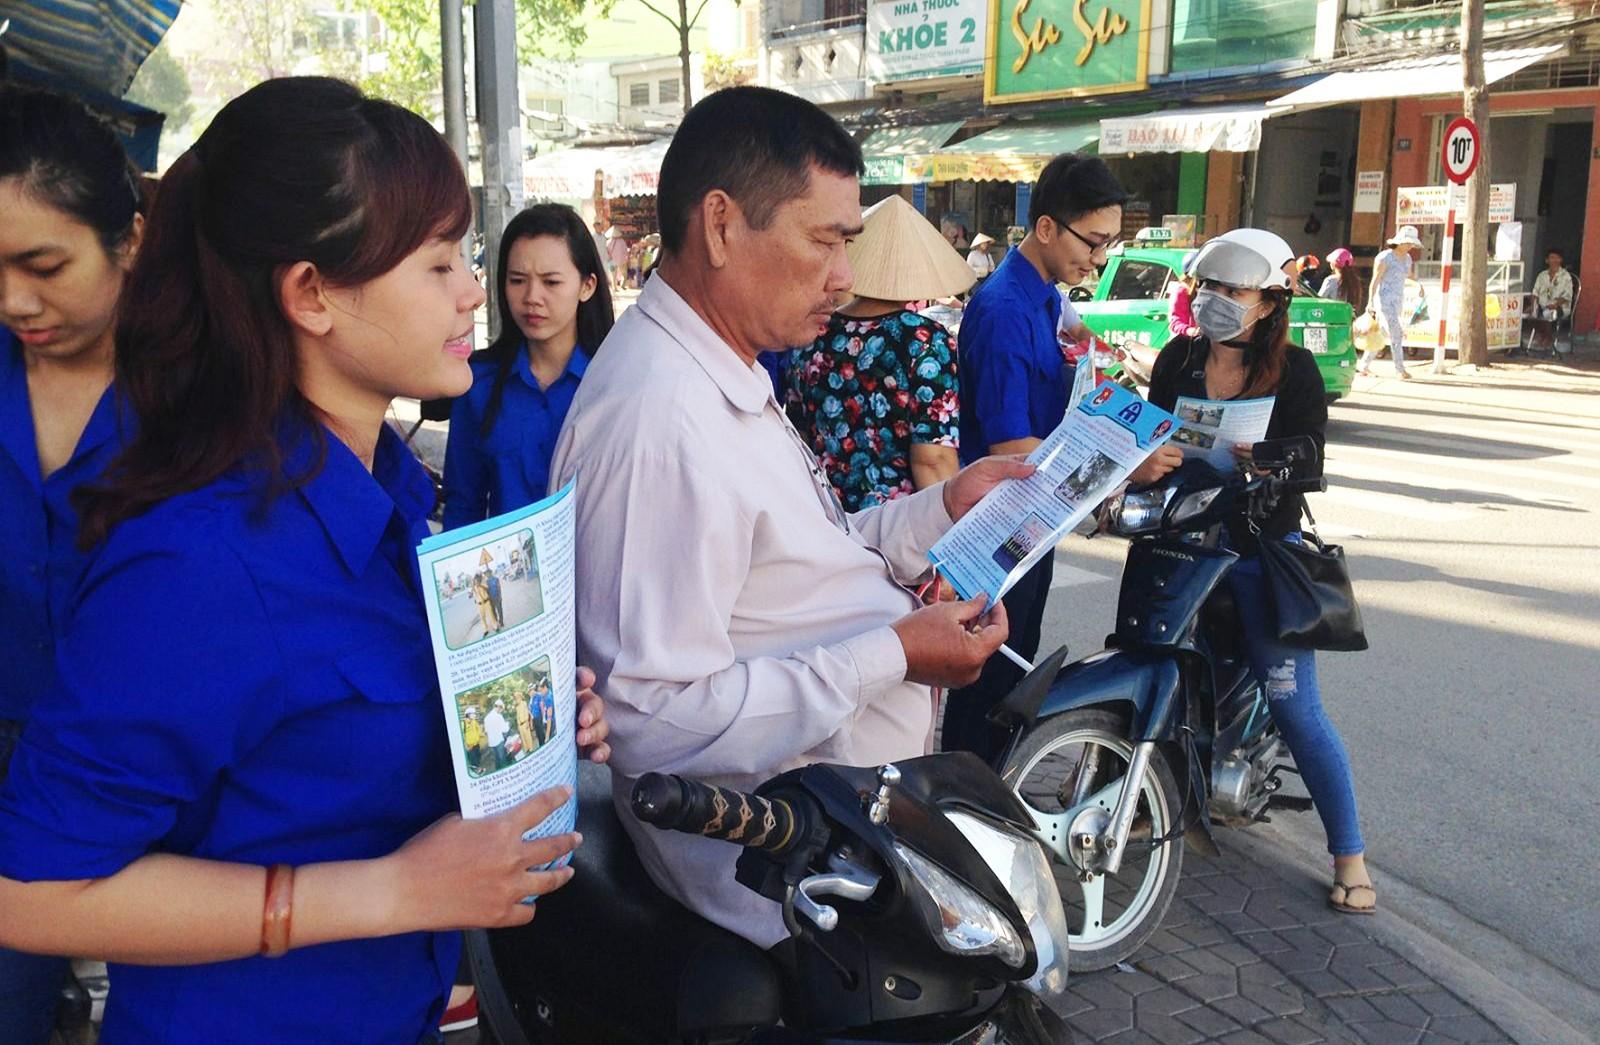 Đoàn viên, thanh niên quận Ninh Kiều phát tờ bướm tuyên truyền về văn hóa giao thông cho người tham gia giao thông.